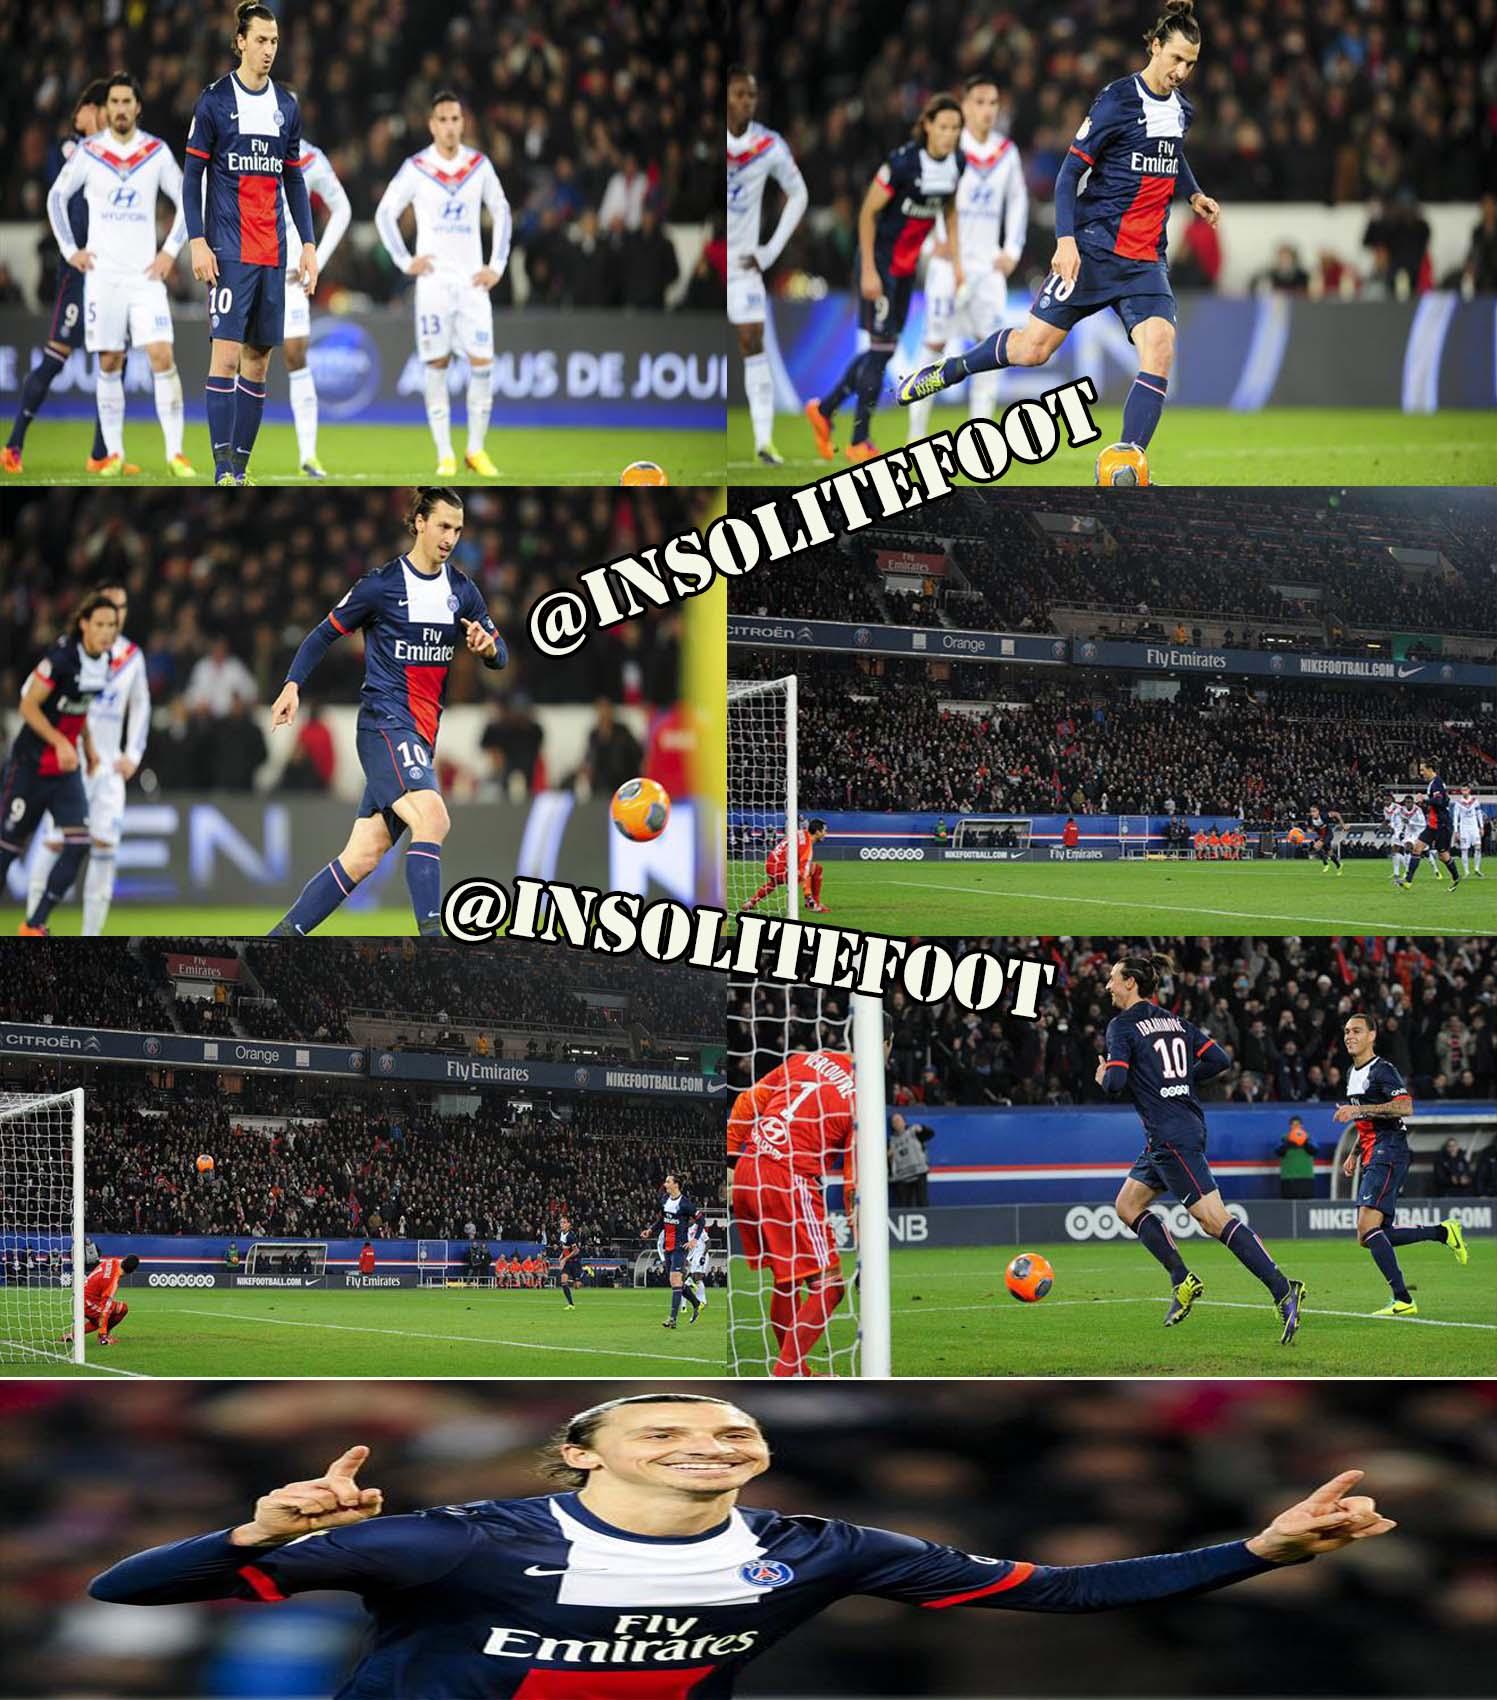 PSG : La panenka de Zlatan Ibrahimovic contre Lyon !!!